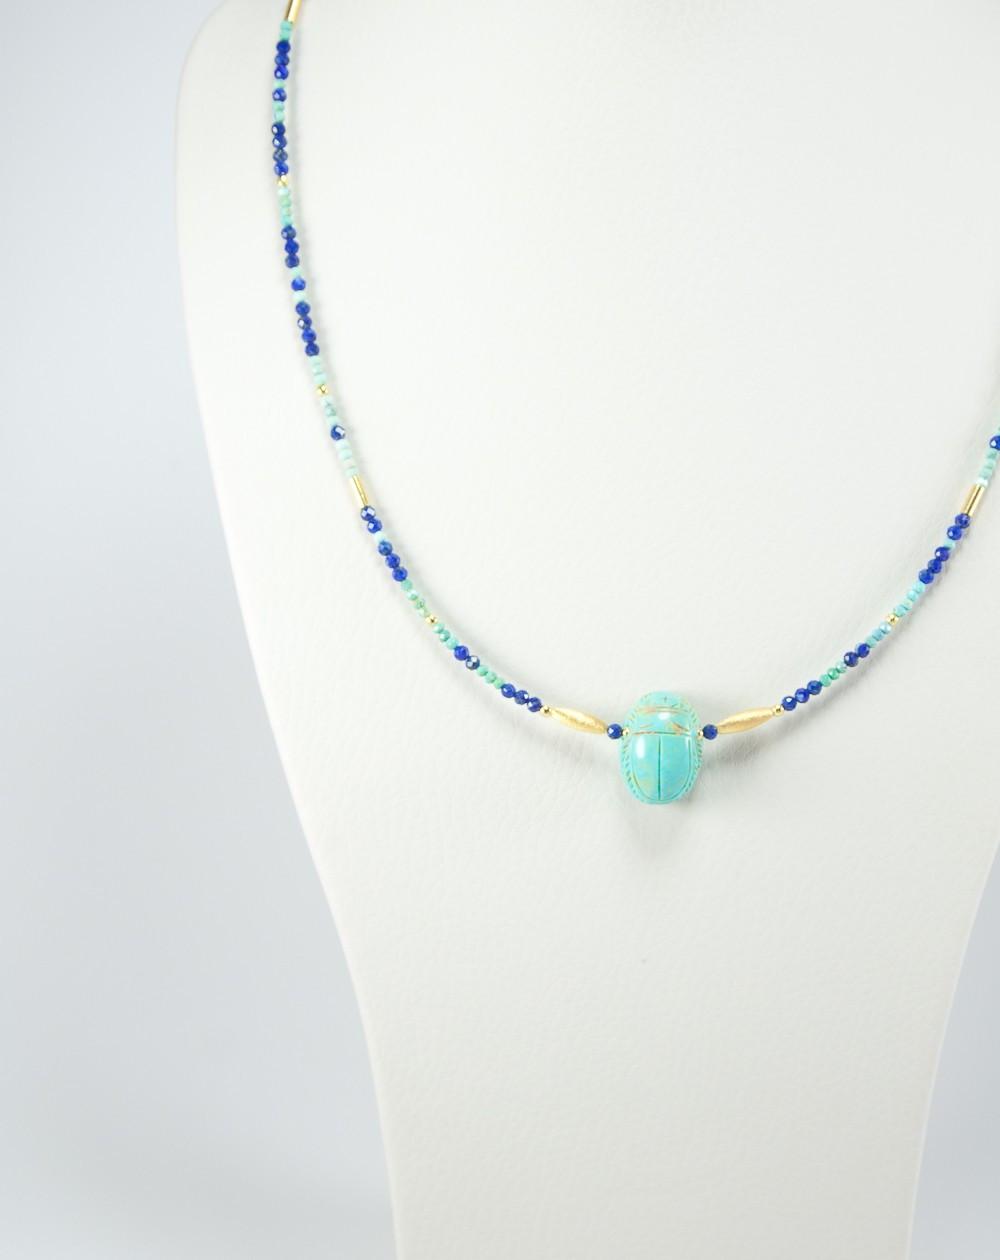 Collier en Lapis lazuli, scarabée turquoise